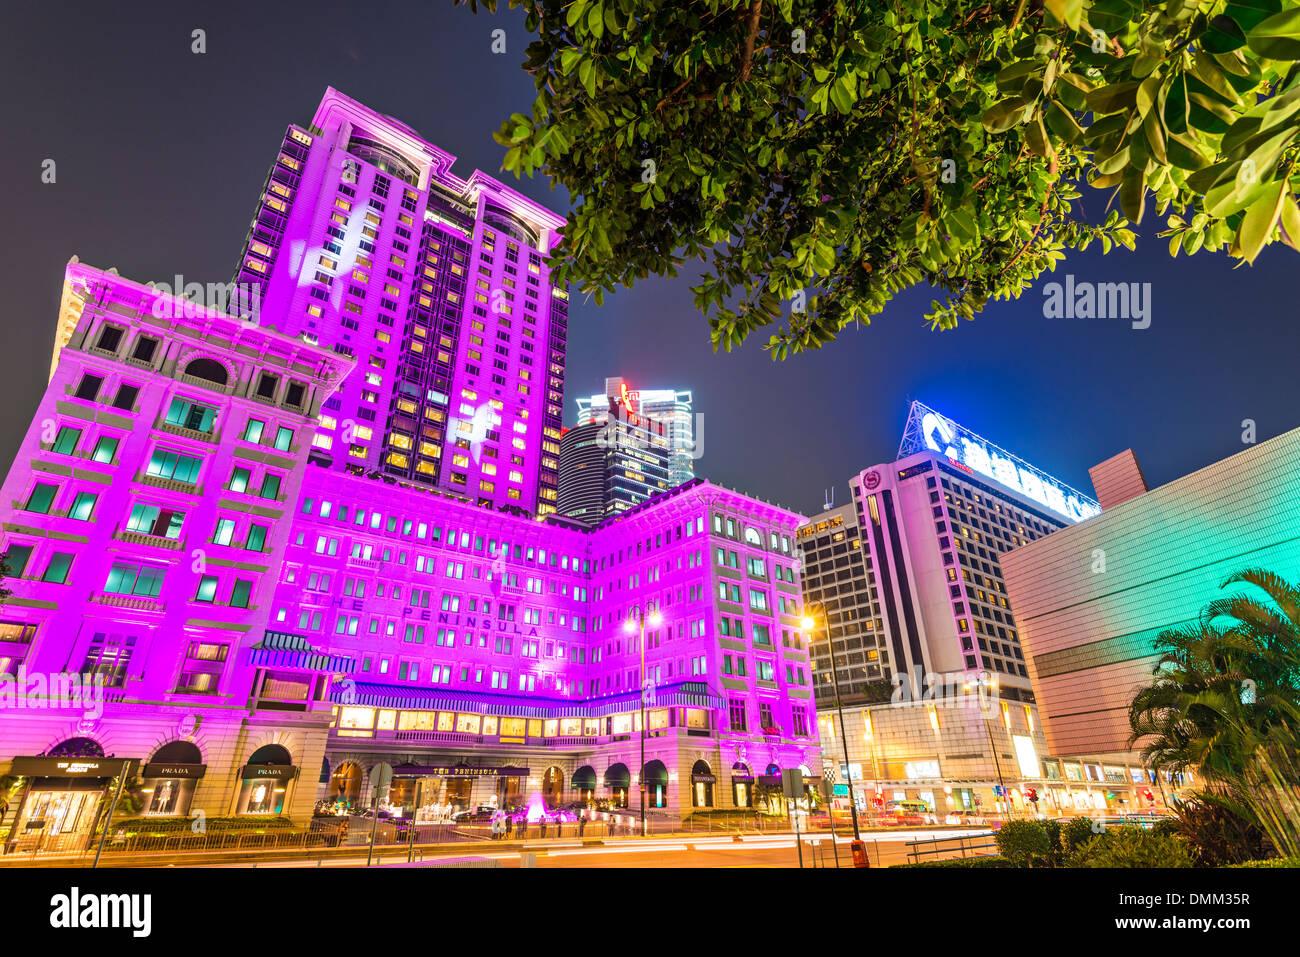 Peninsula Hotel in Hong Kong, China. - Stock Image